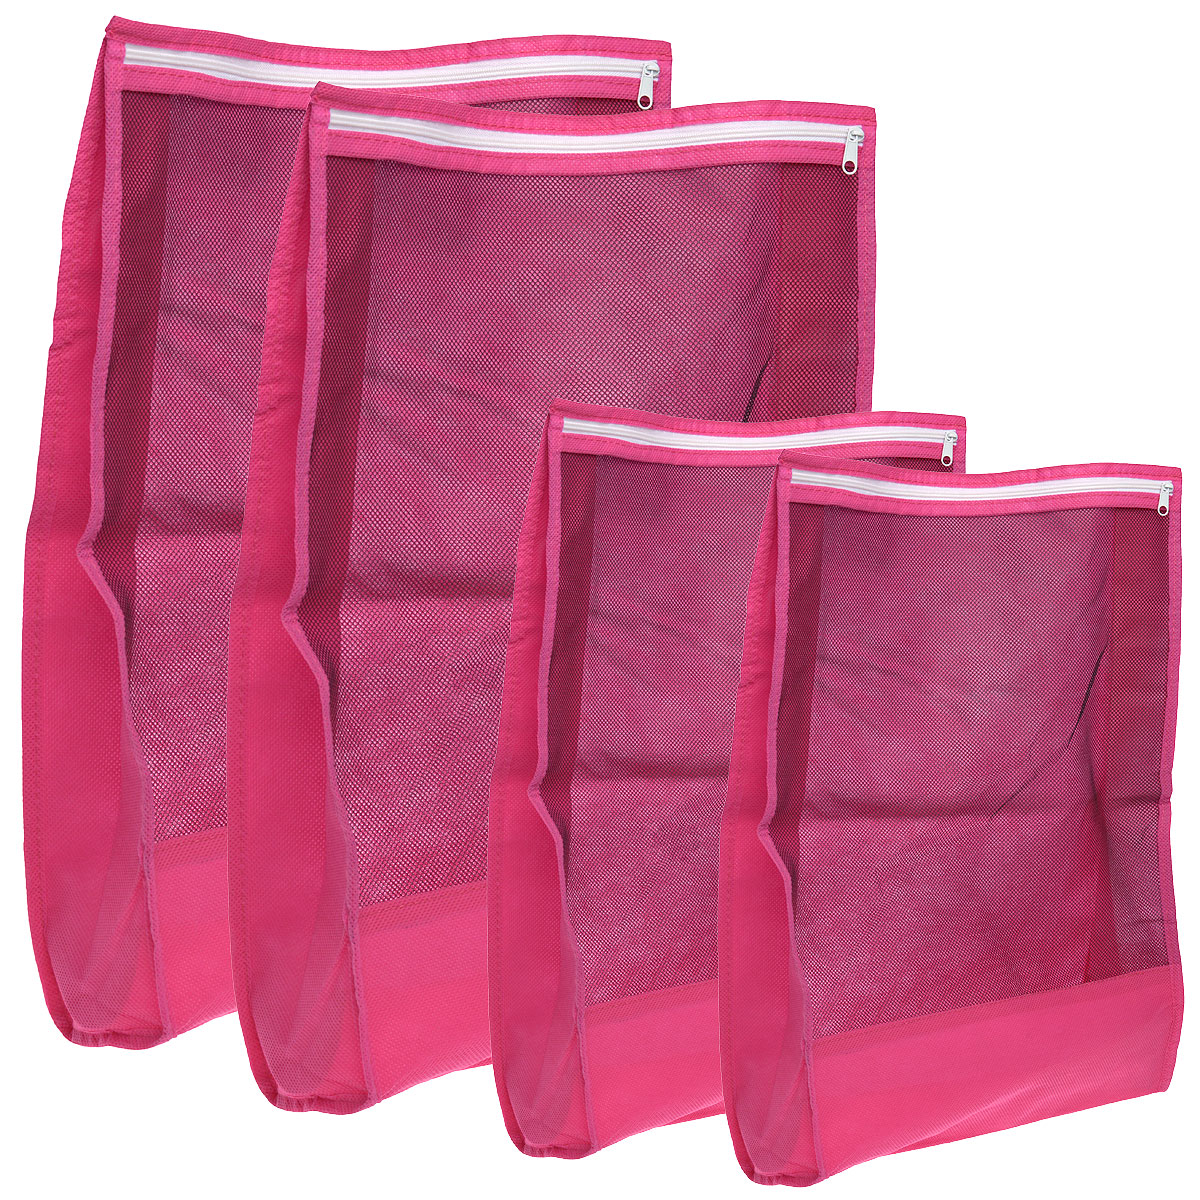 Набор чехлов для путешествий Hausmann, 4 штU210DFНабор чехлов для путешествий Hausmann состоит из чехла для электроники и мелких предметов на молнии, малого чехла для одежды на молнии, чехла для белья на молнии, большого чехла для одежды на молнии. Предметы набора изготовлены из высококачественной вискозы.Чехлы закрываются на застежку-молнию и оснащены прозрачными вставками, благодаря которым вы без труда сможете определить их содержимое. Чехлы помогут аккуратно разместить и защитить вещи внутри чемодана, а также упростят сборы и распаковку вещей.